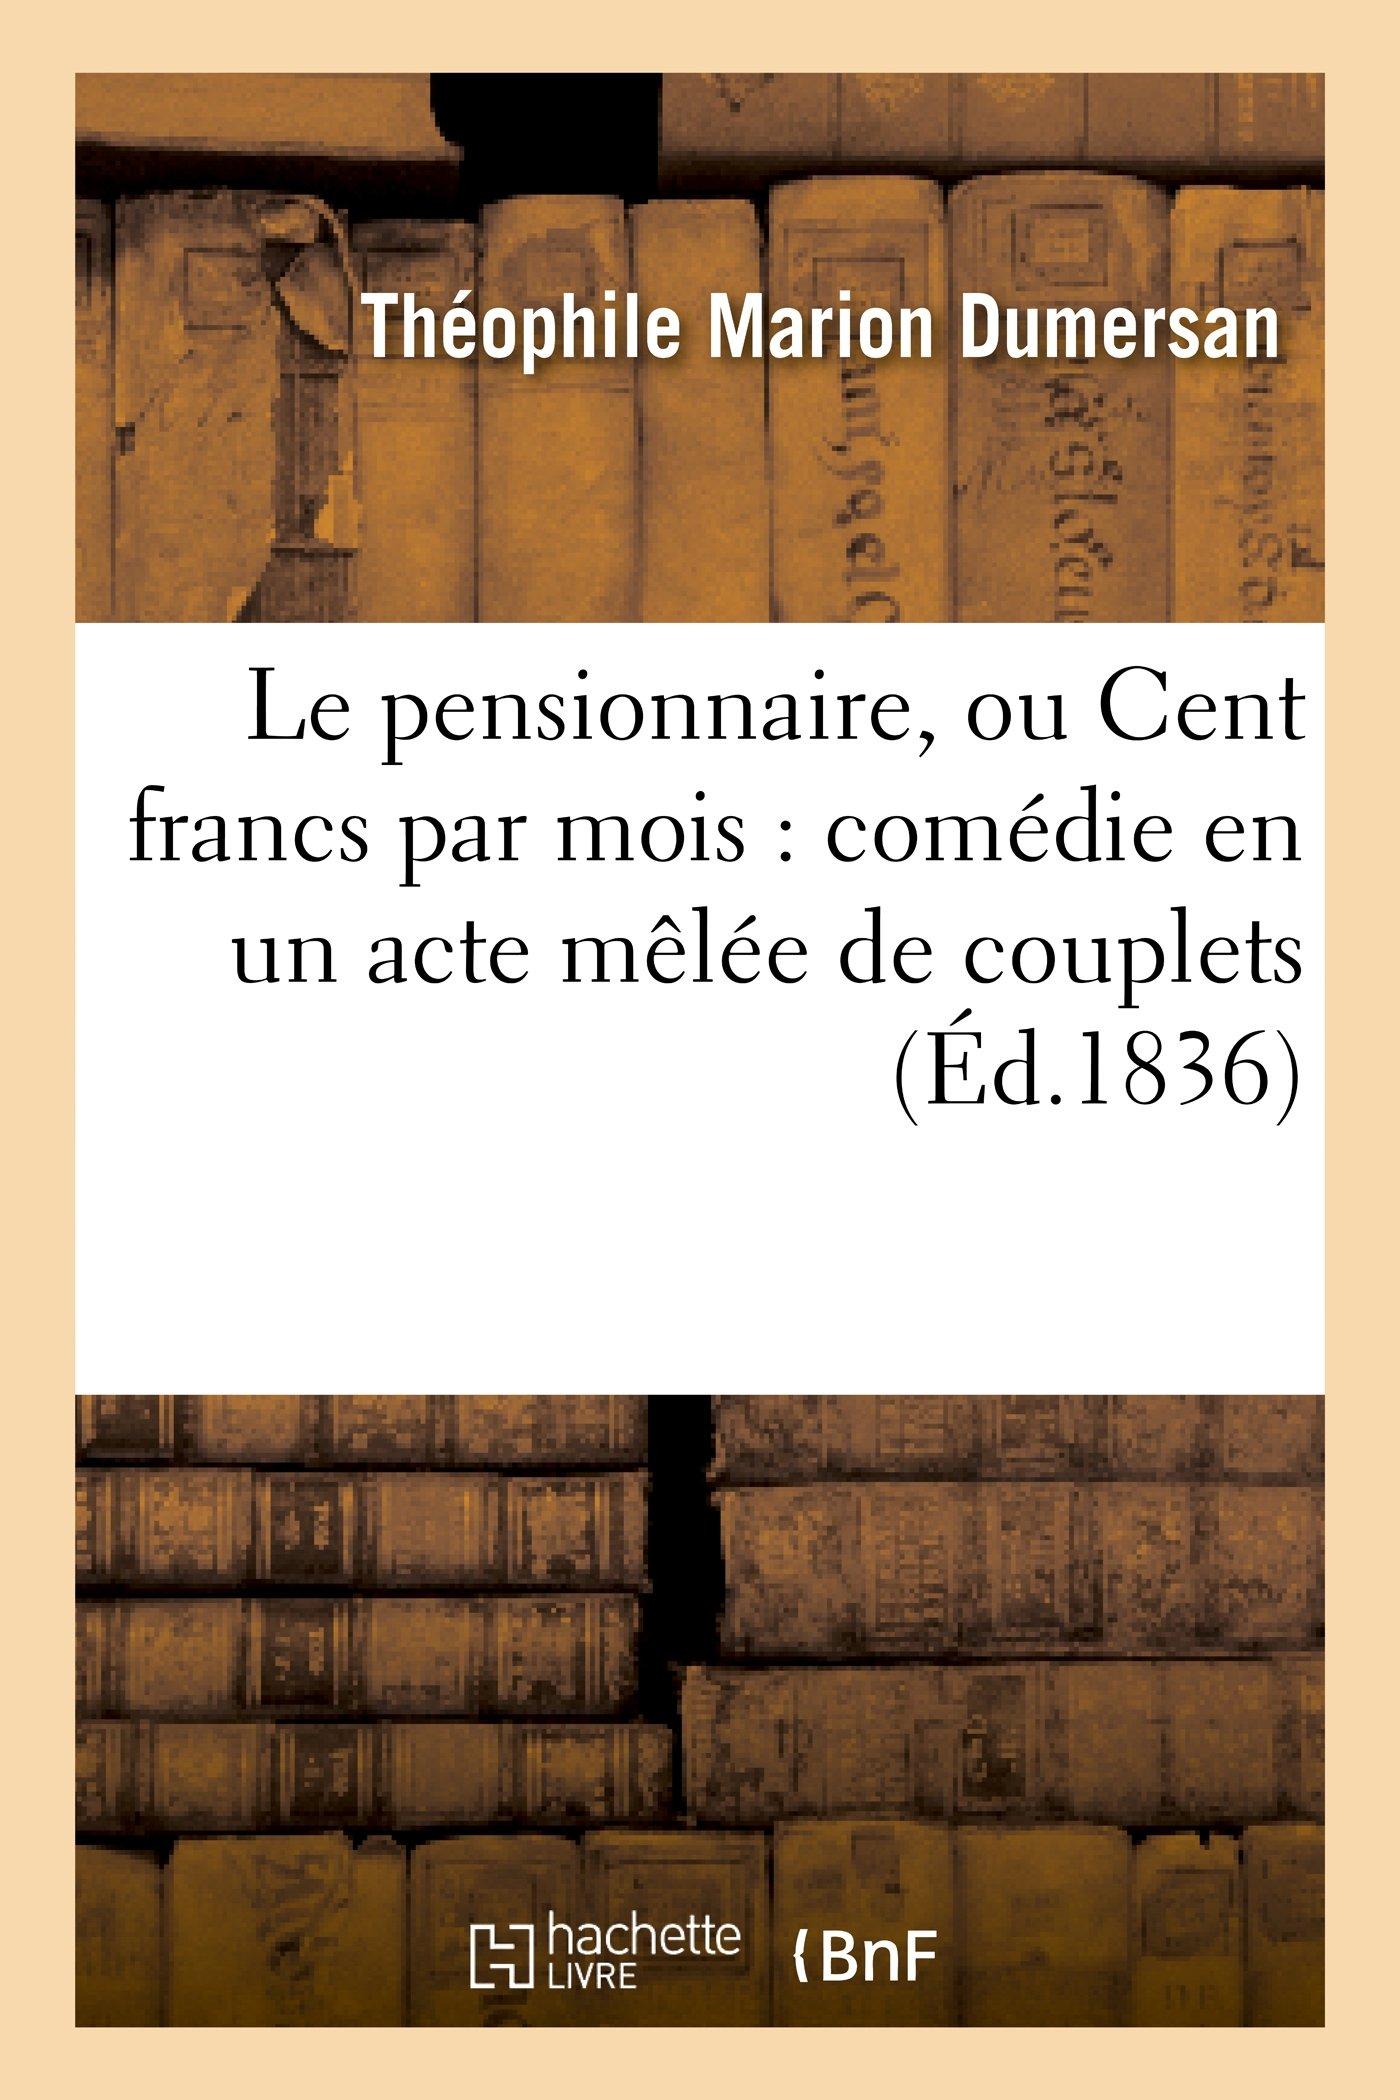 Le Pensionnaire, Ou Cent Francs Par Mois: Comedie En Un Acte Melee de Couplets (Arts) (French Edition) PDF